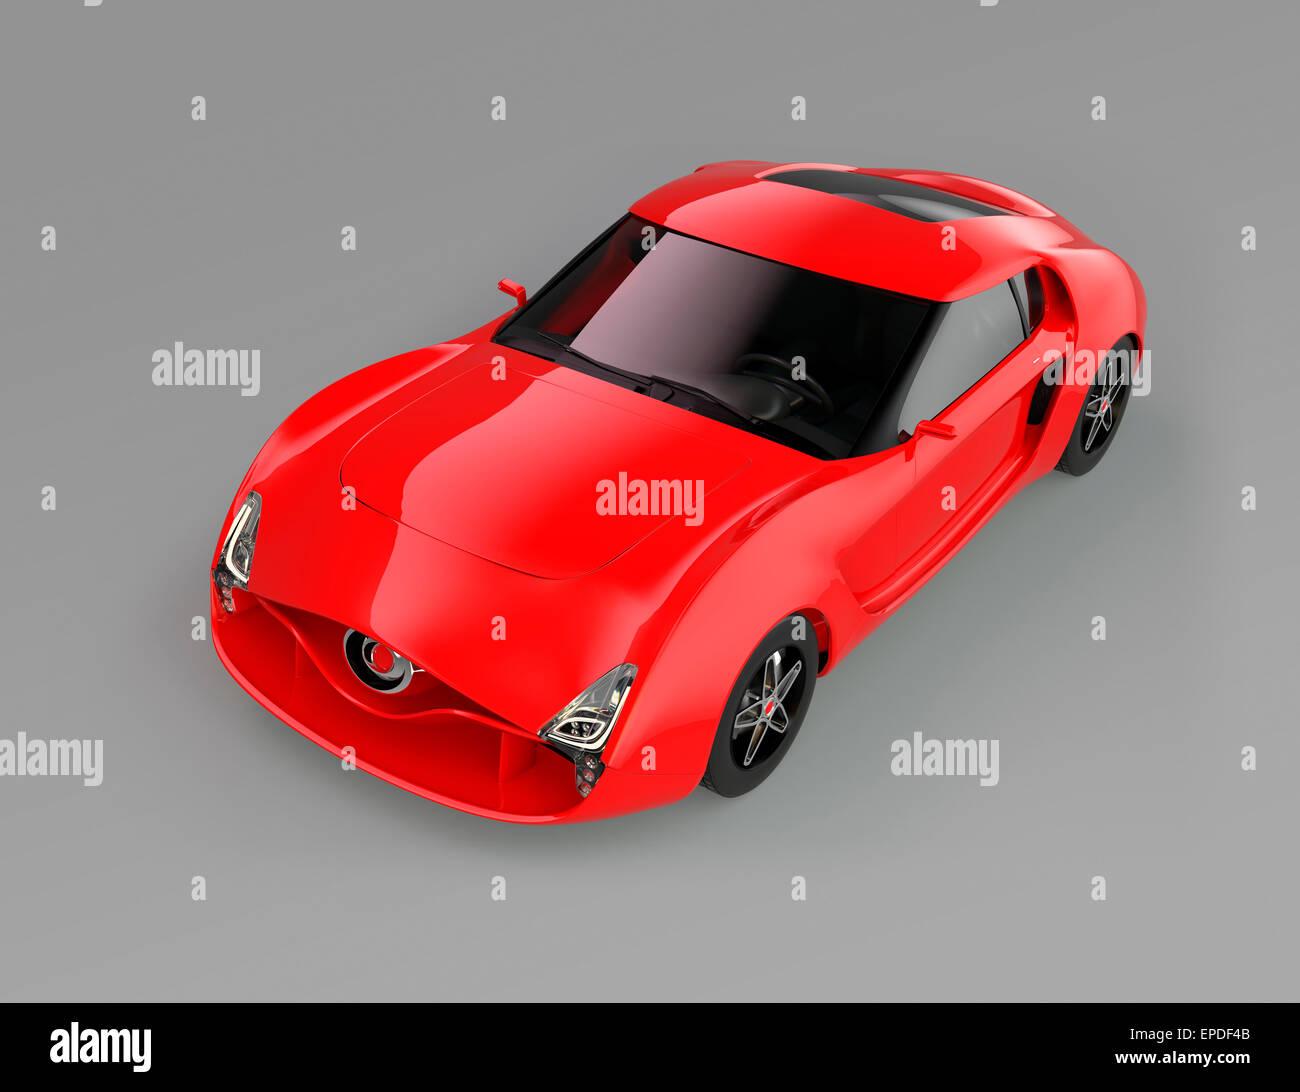 Roter Sportwagen auf grauem Hintergrund mit Beschneidungspfad isoliert. Original-Design. Stockbild